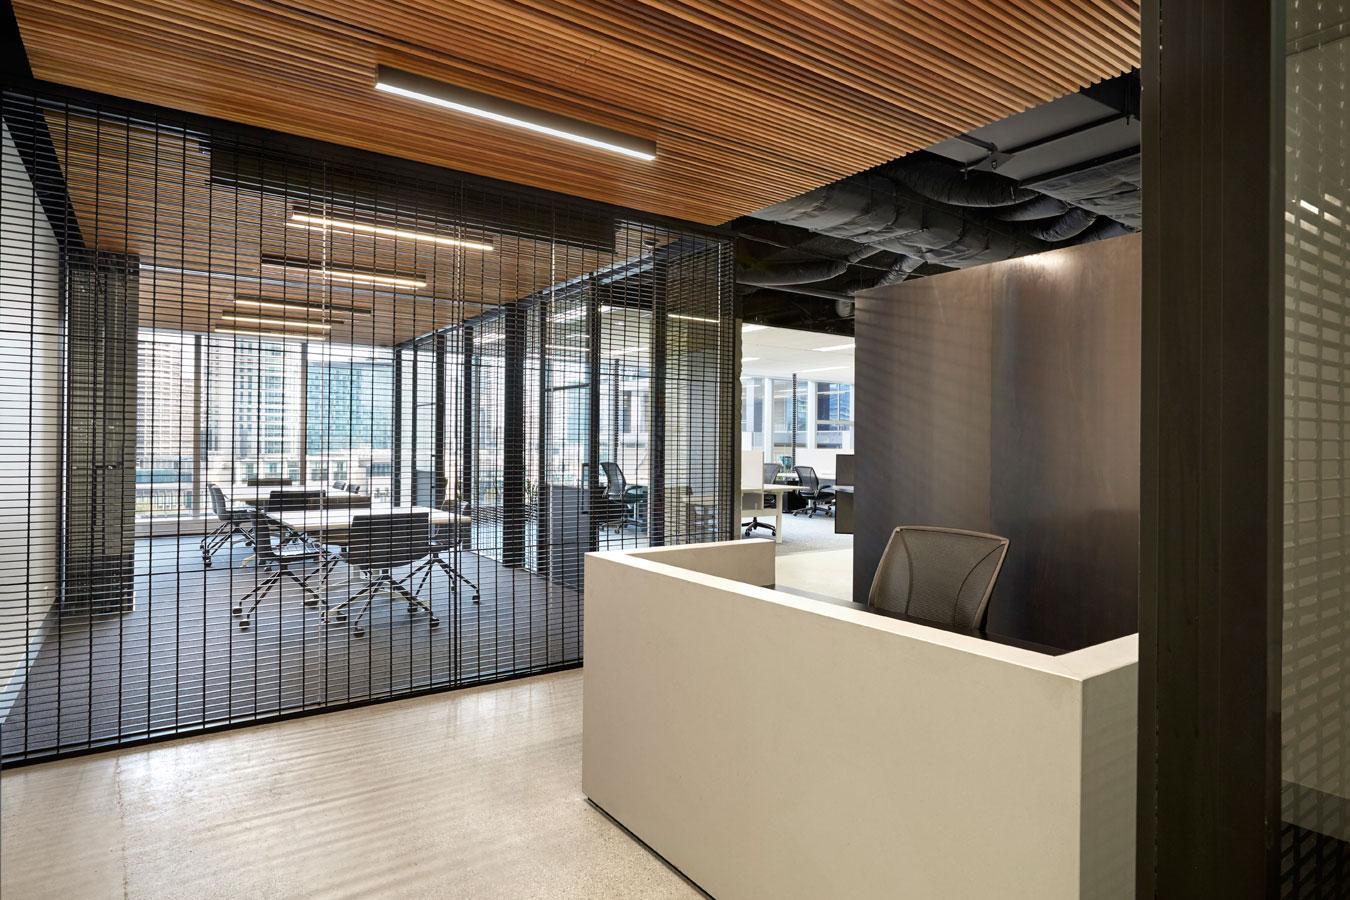 Deka immobilen office by techn architecture interior for Local interior decorators